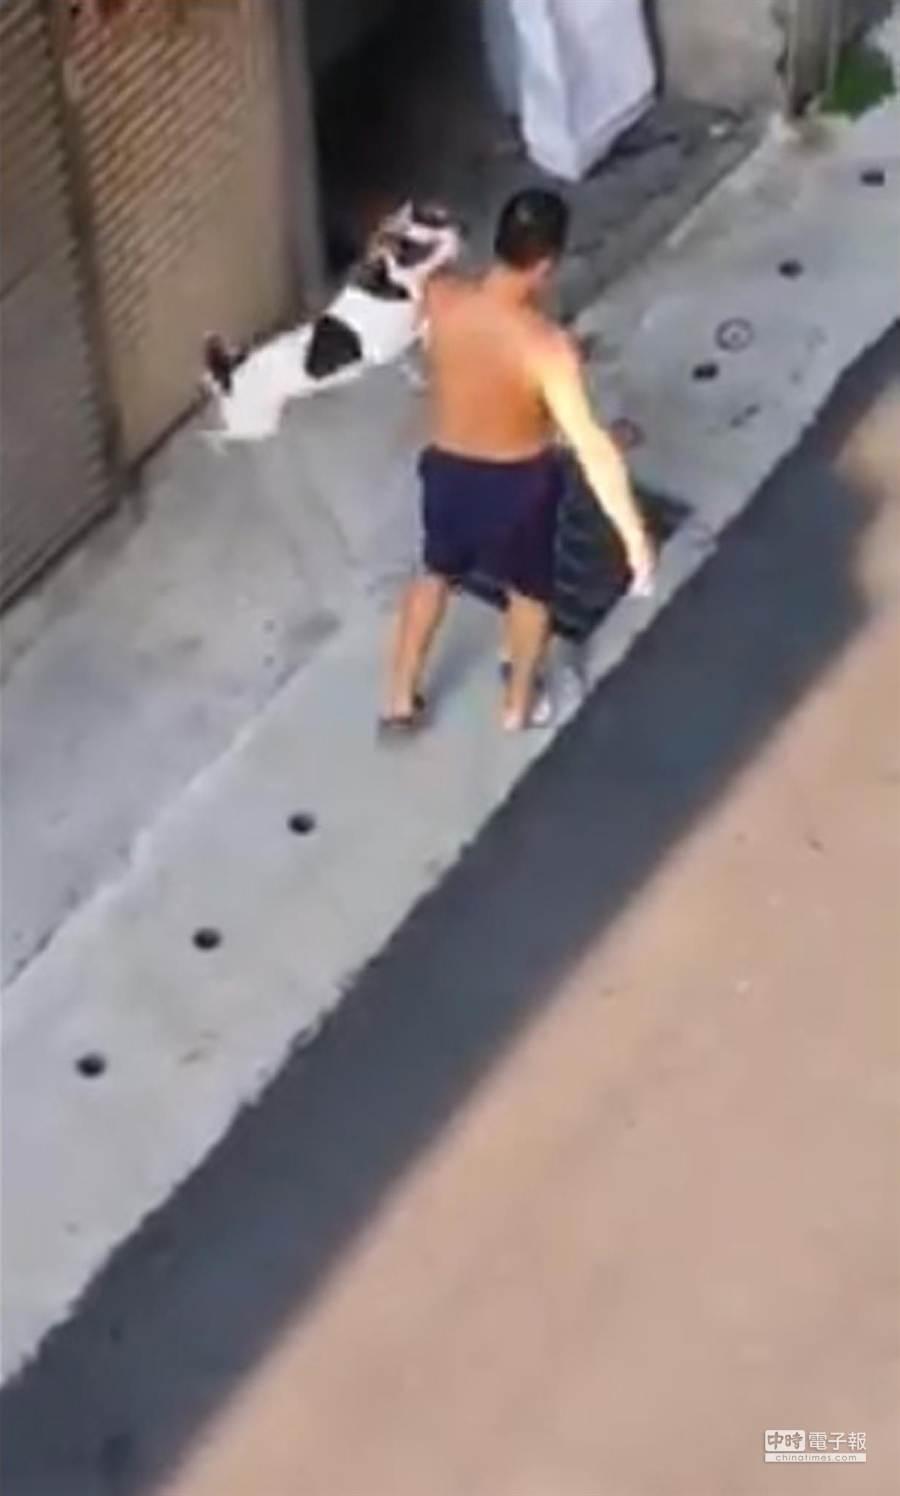 赤膊男猛力打狗後還把狗兒高高地抓起。(摘自網友紅康瑋臉書)